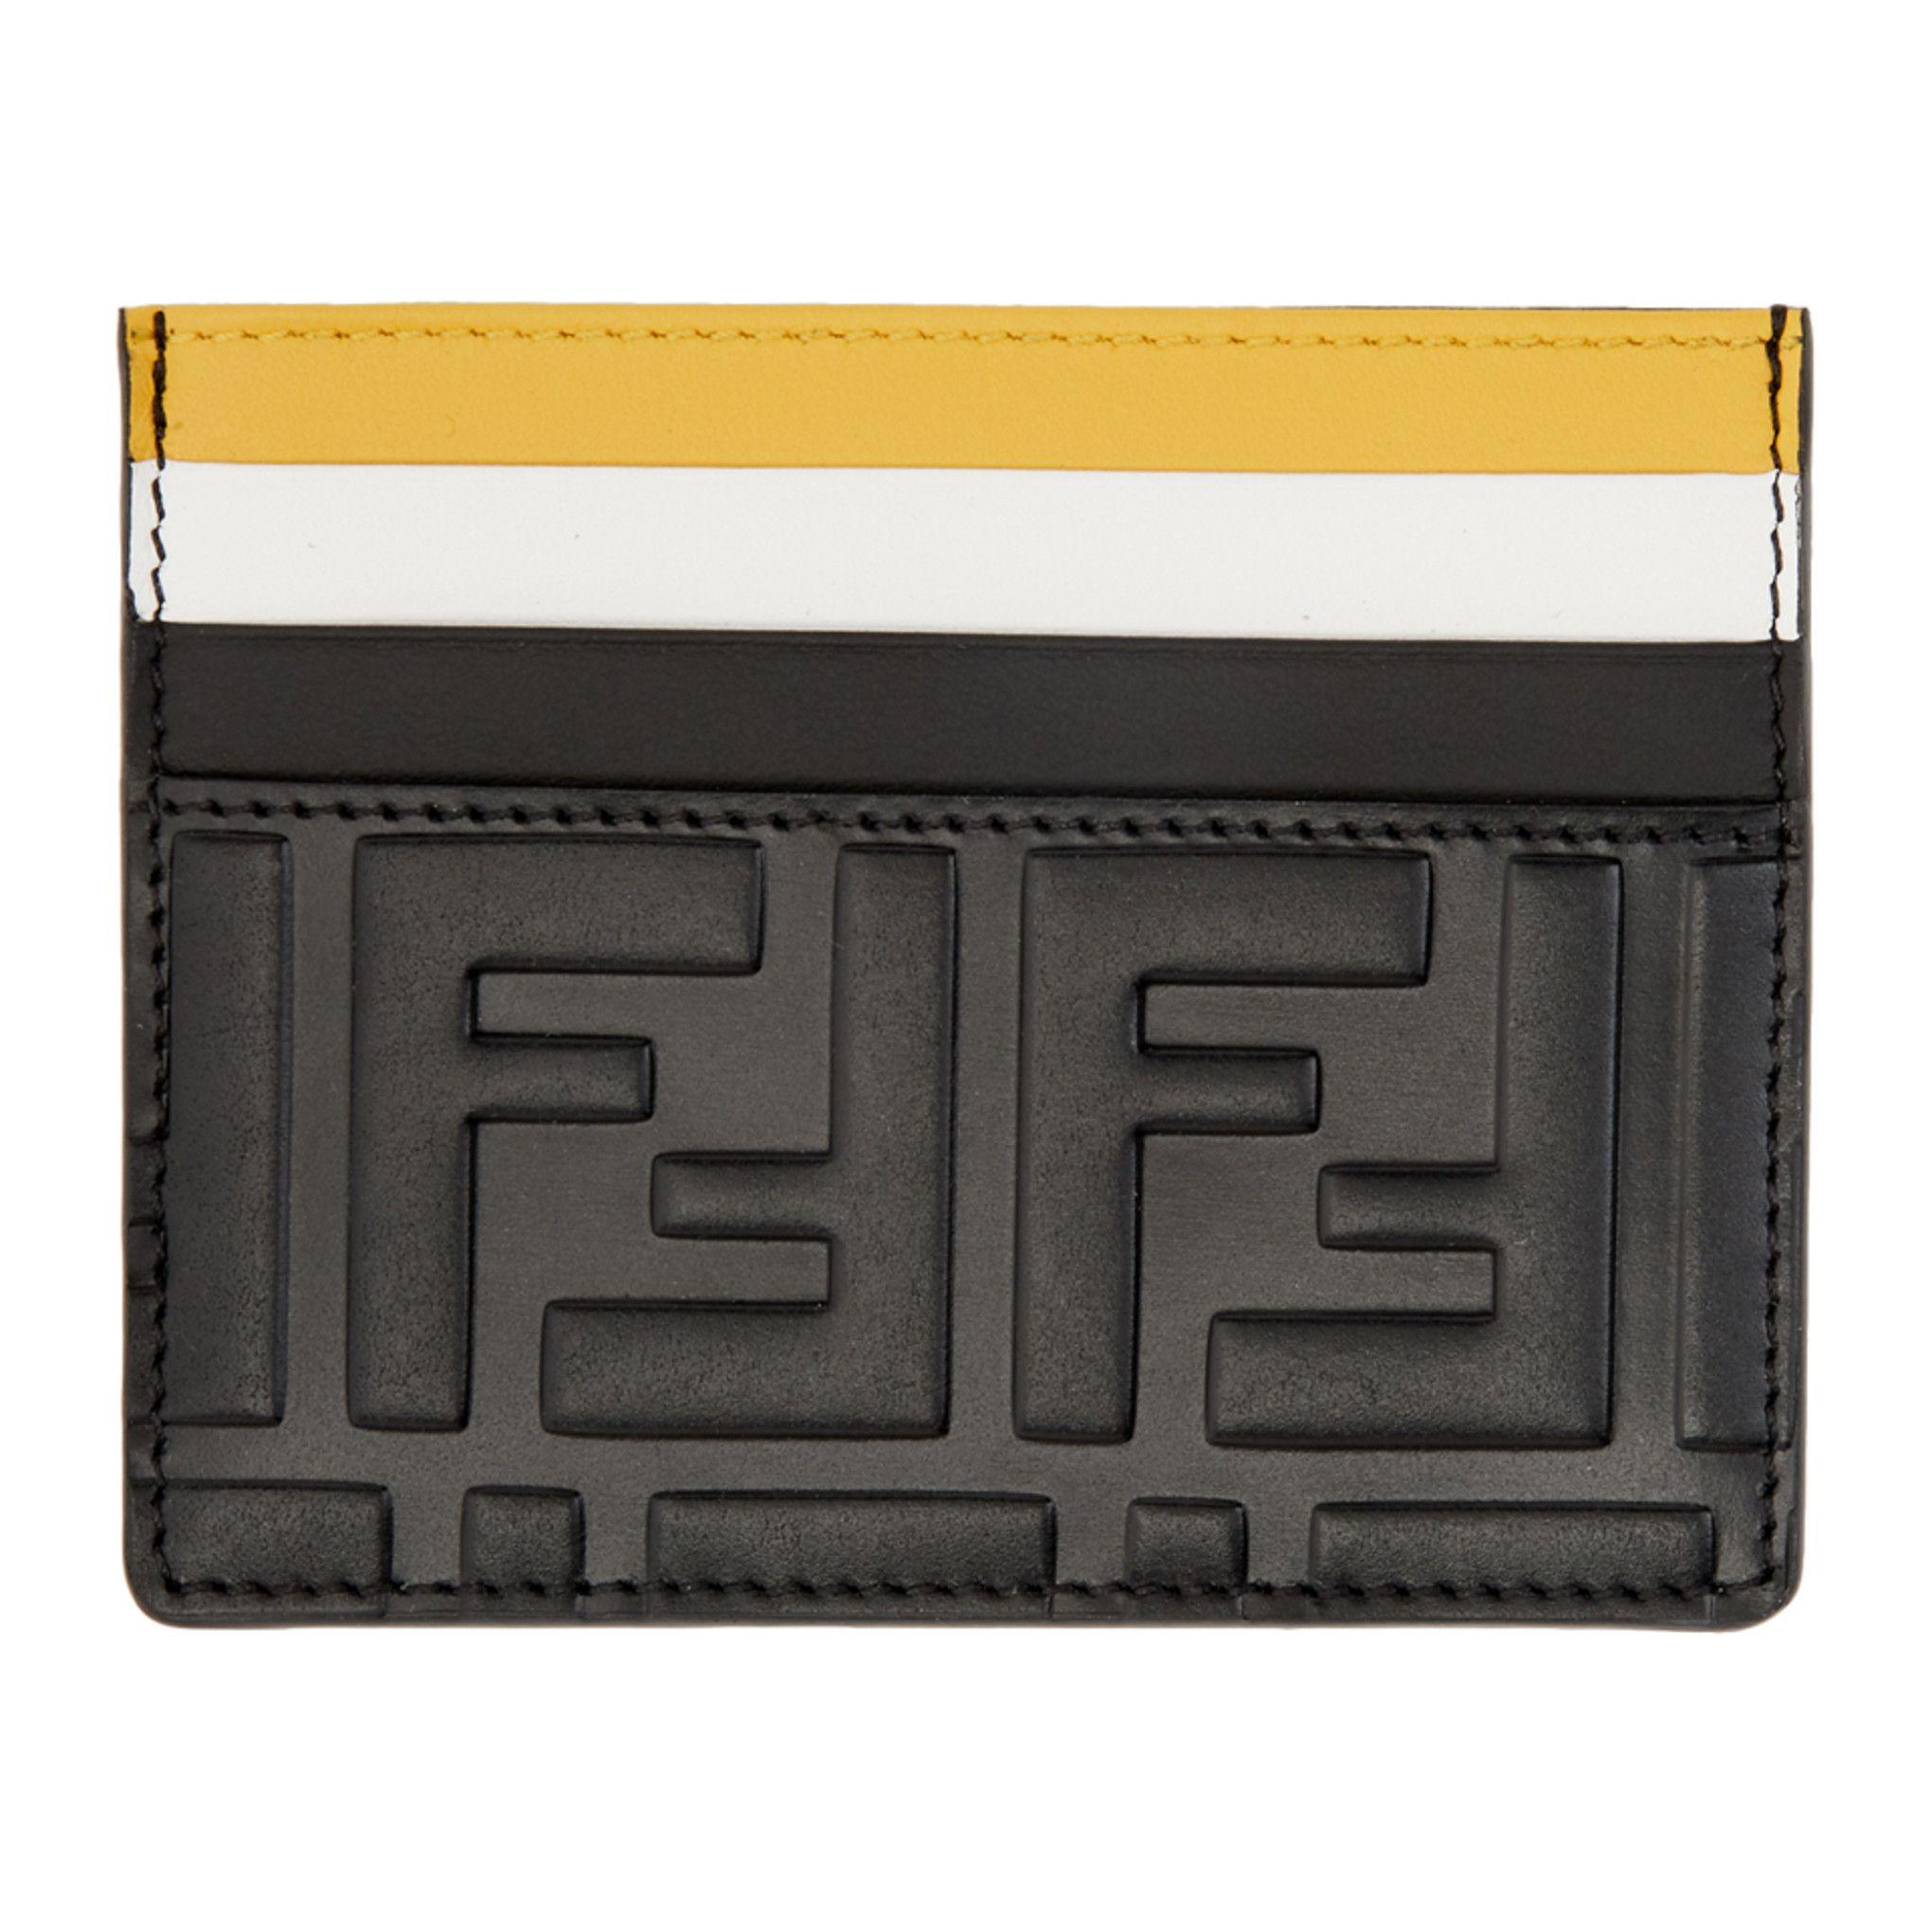 Fendi black colorblock forever fendi card holder